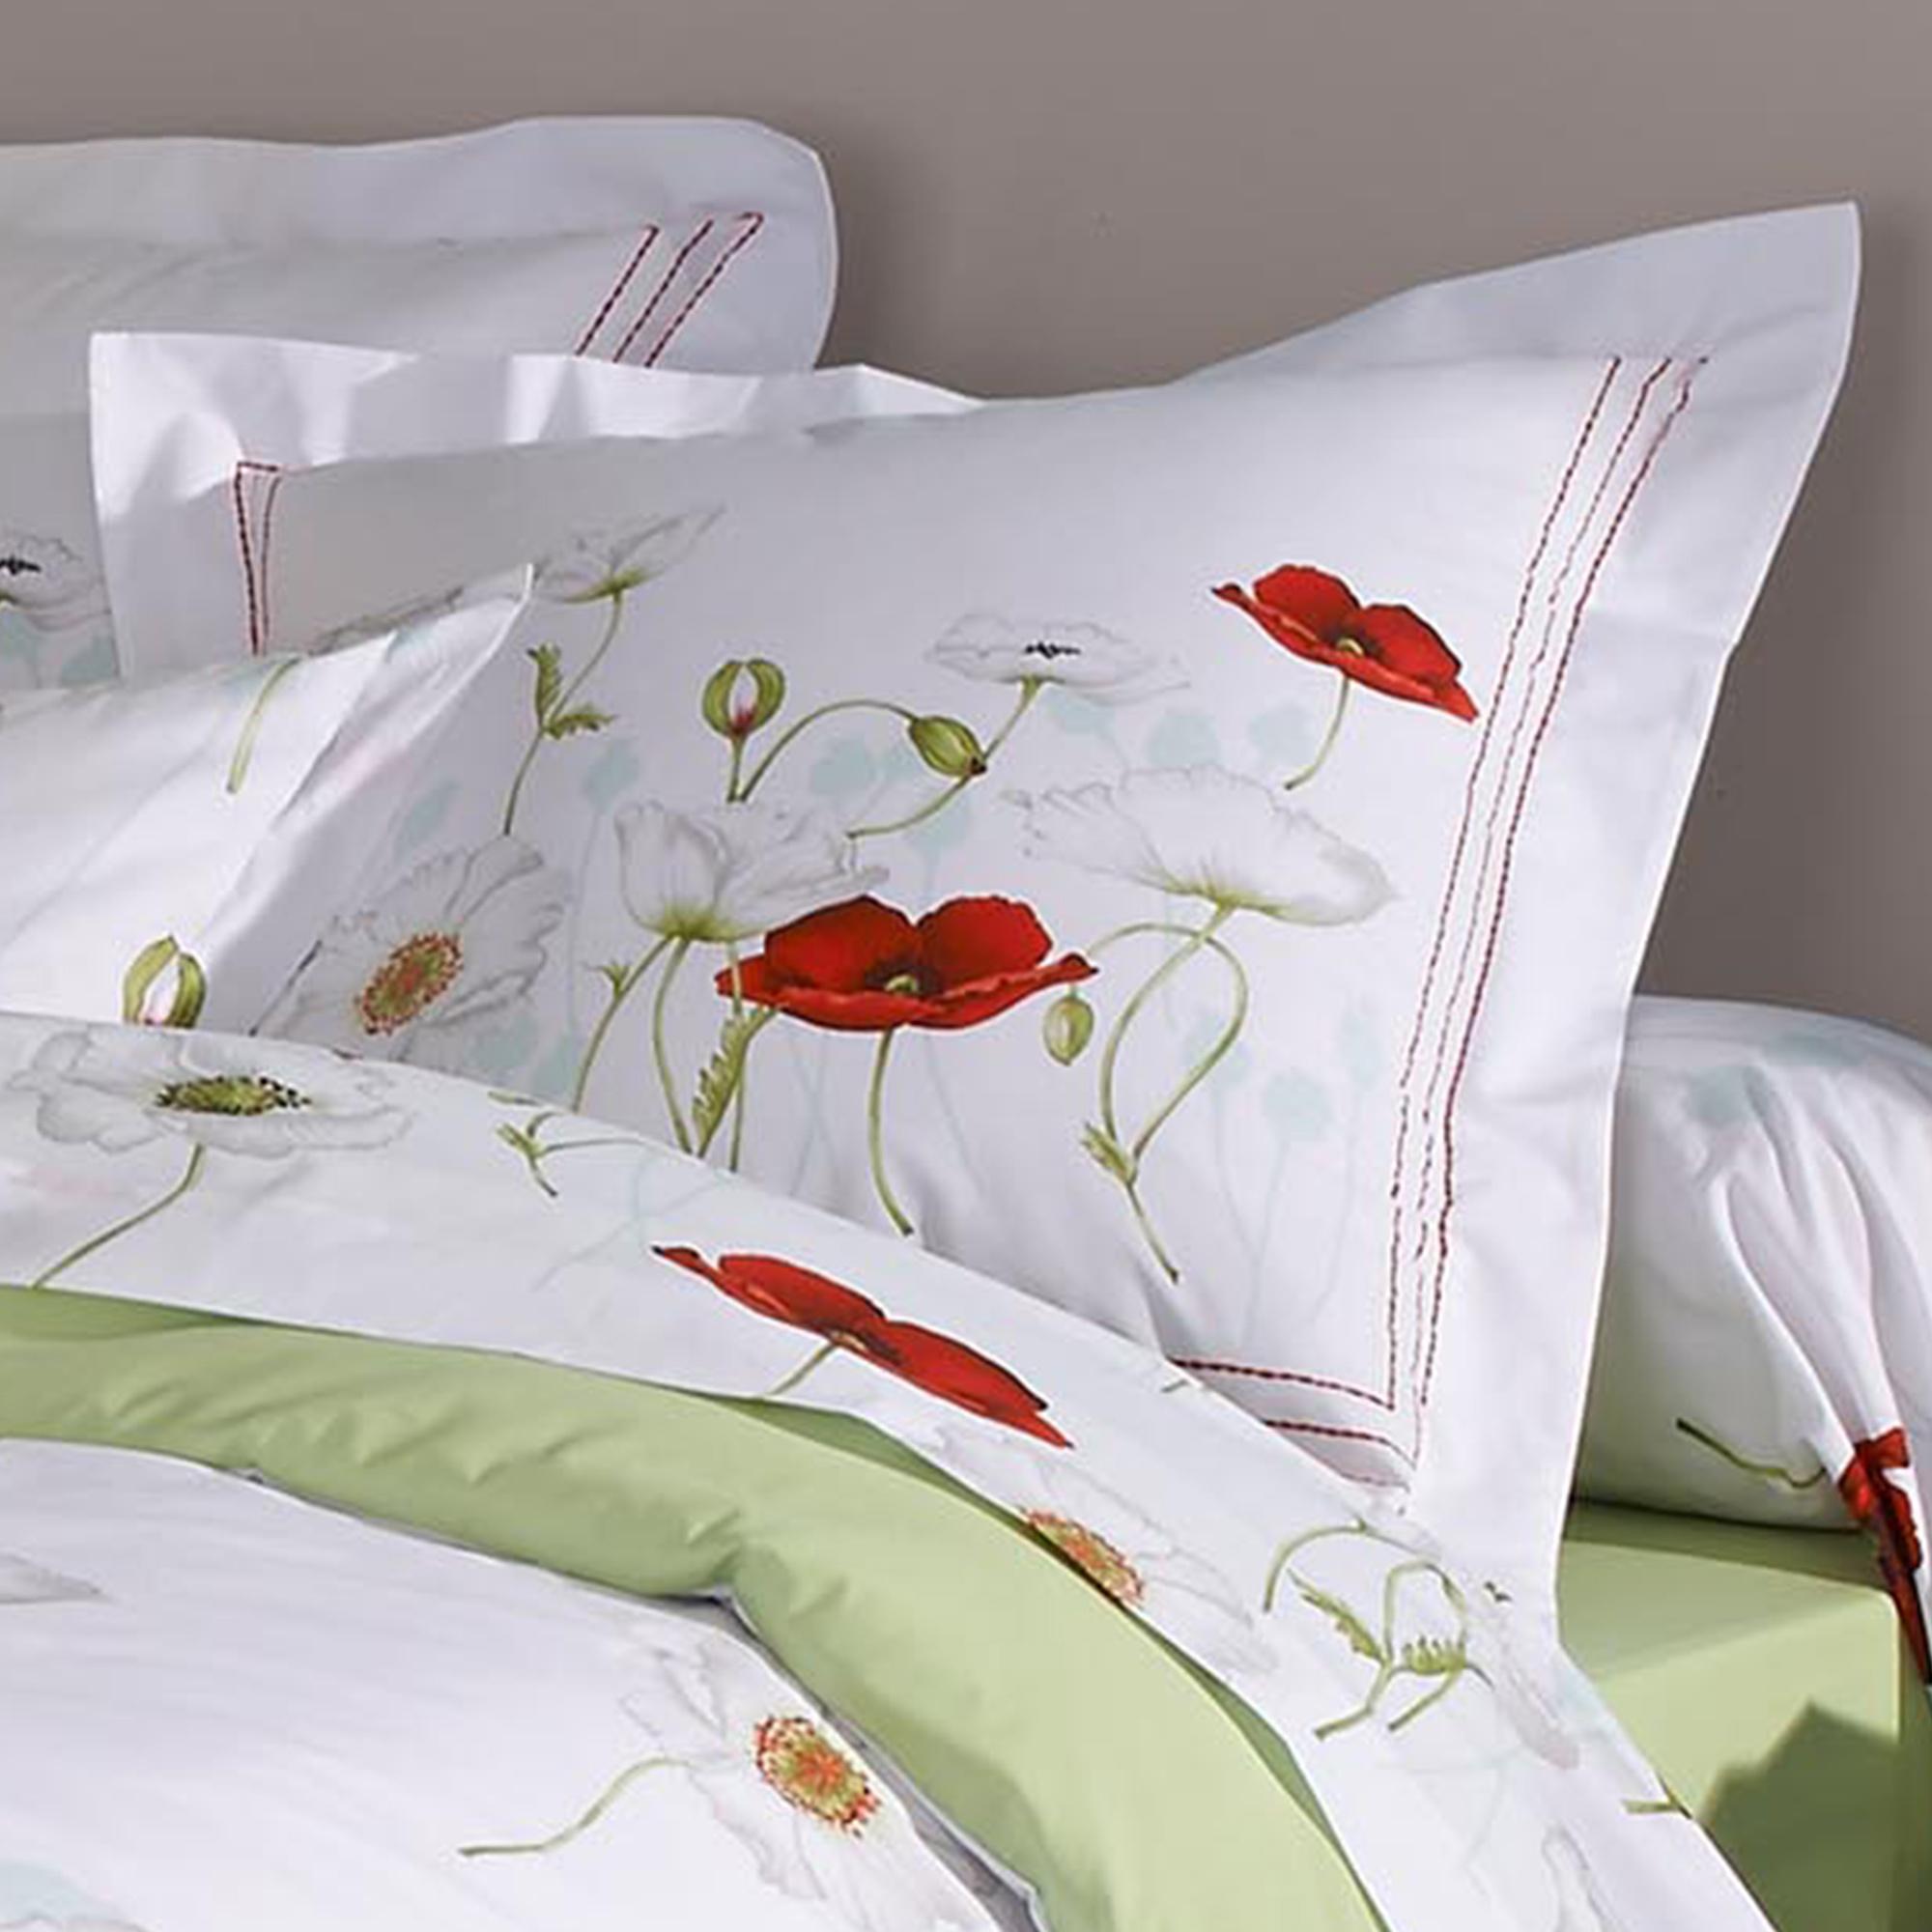 parure de lit percale pur coton peign 240x220 cm seduction linnea linge de maison et. Black Bedroom Furniture Sets. Home Design Ideas